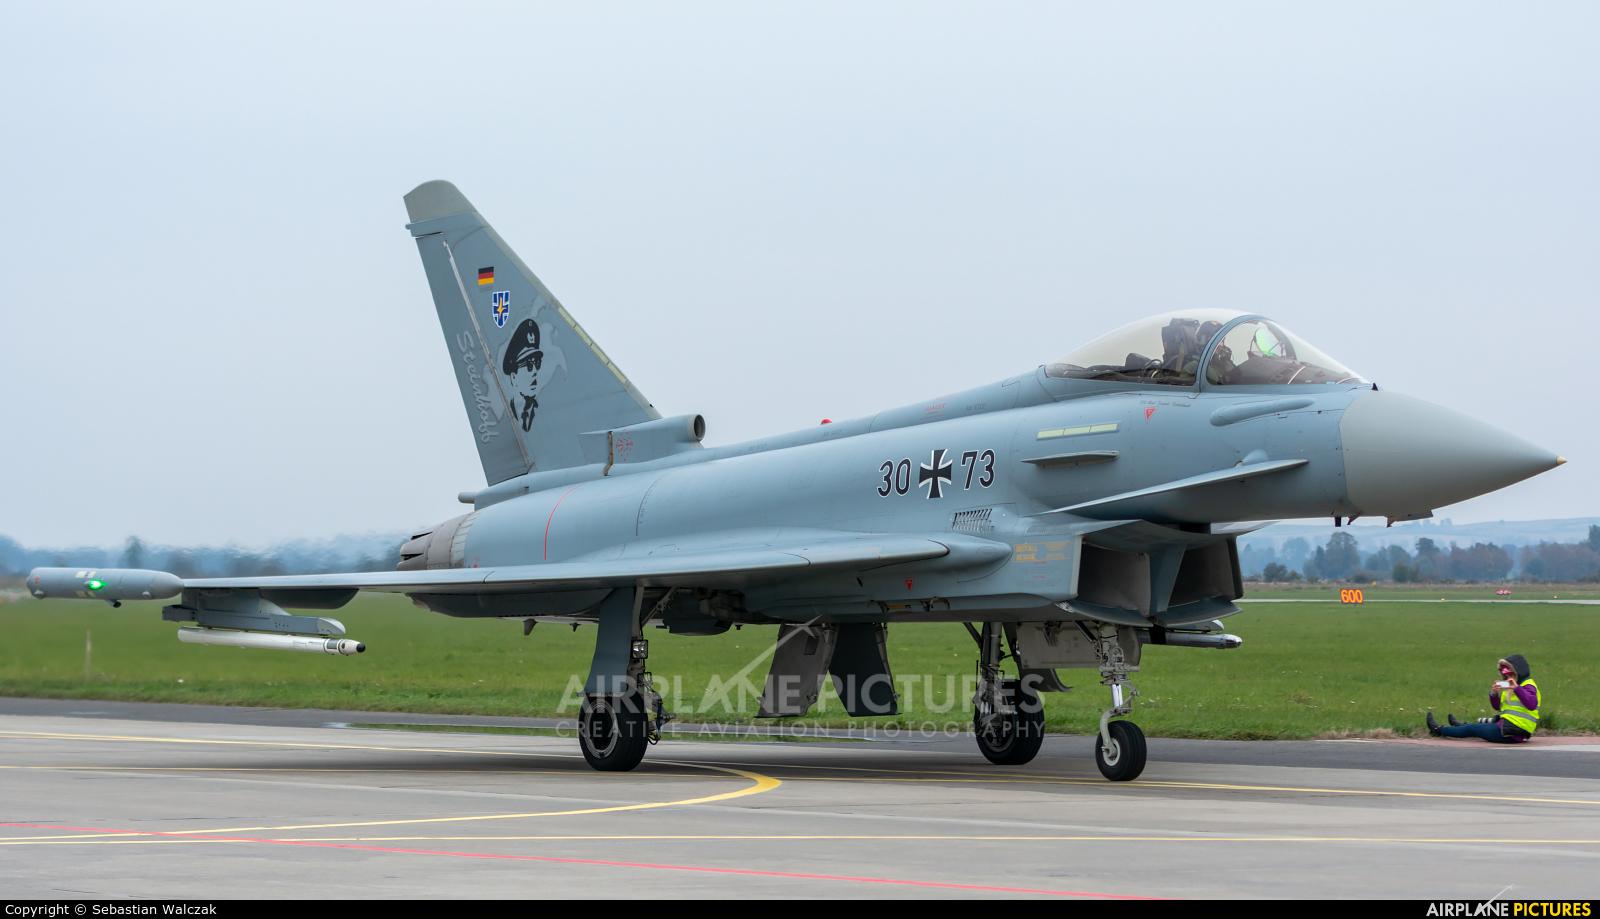 Germany - Air Force 30+73 aircraft at Malbork